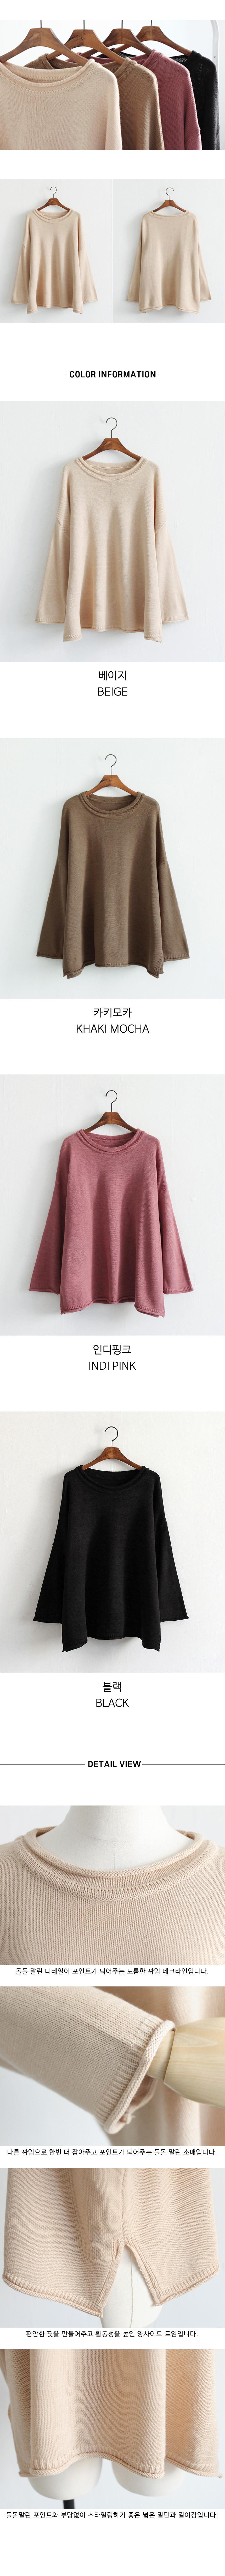 르아 돌돌이 트임 니트 - 하늘바라기, 25,900원, 상의, 니트/스웨터